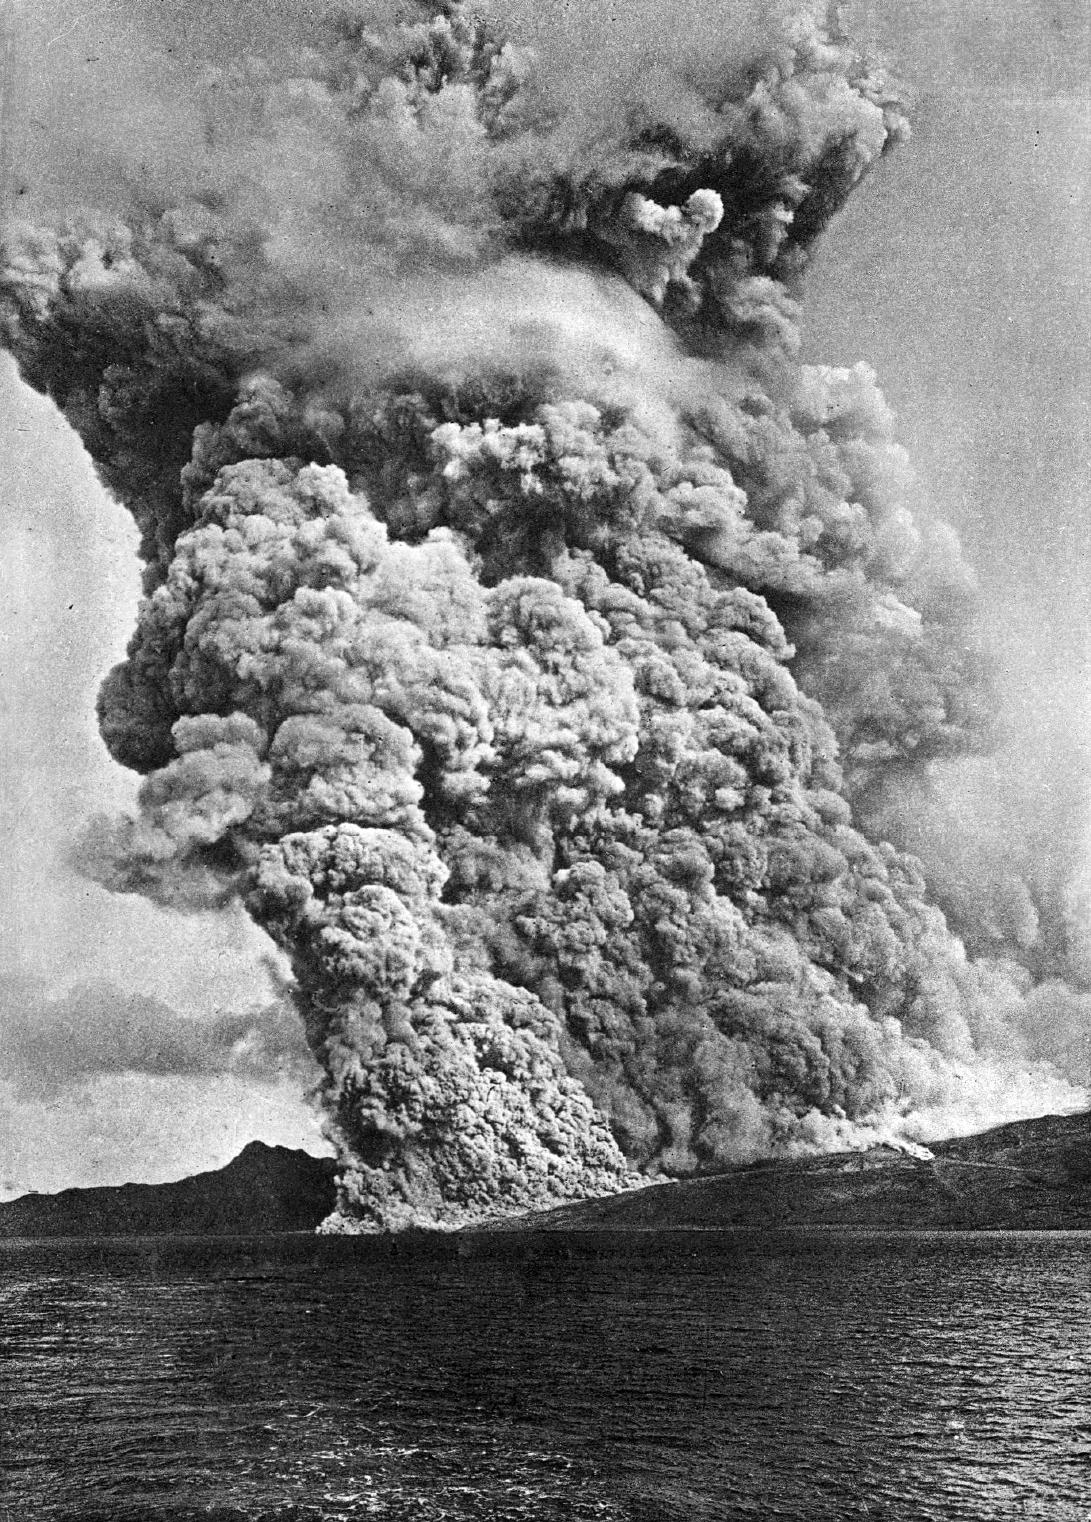 éruption volcanique - Montagne Pelée - 1902 - Martinique - Catastrophe - Antilles - Nuée ardente - Lacroix